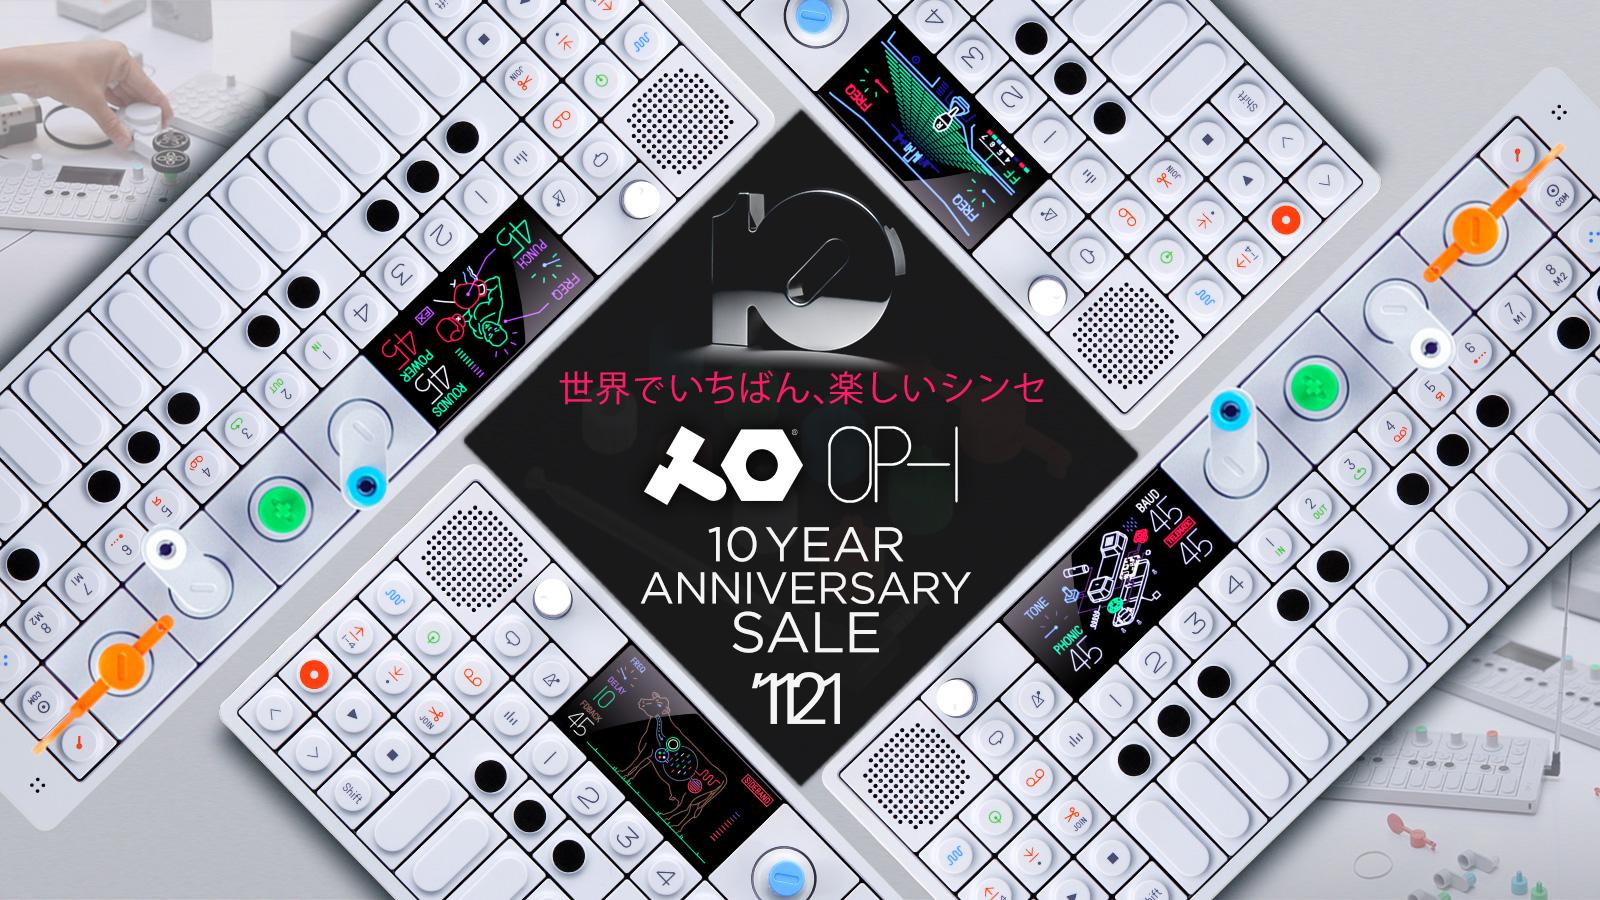 世界でいちばん、楽しいシンセ teenage engineering OP-1が10周年記念価格に!<br>さらに「アクセサリー全種」をプレゼント